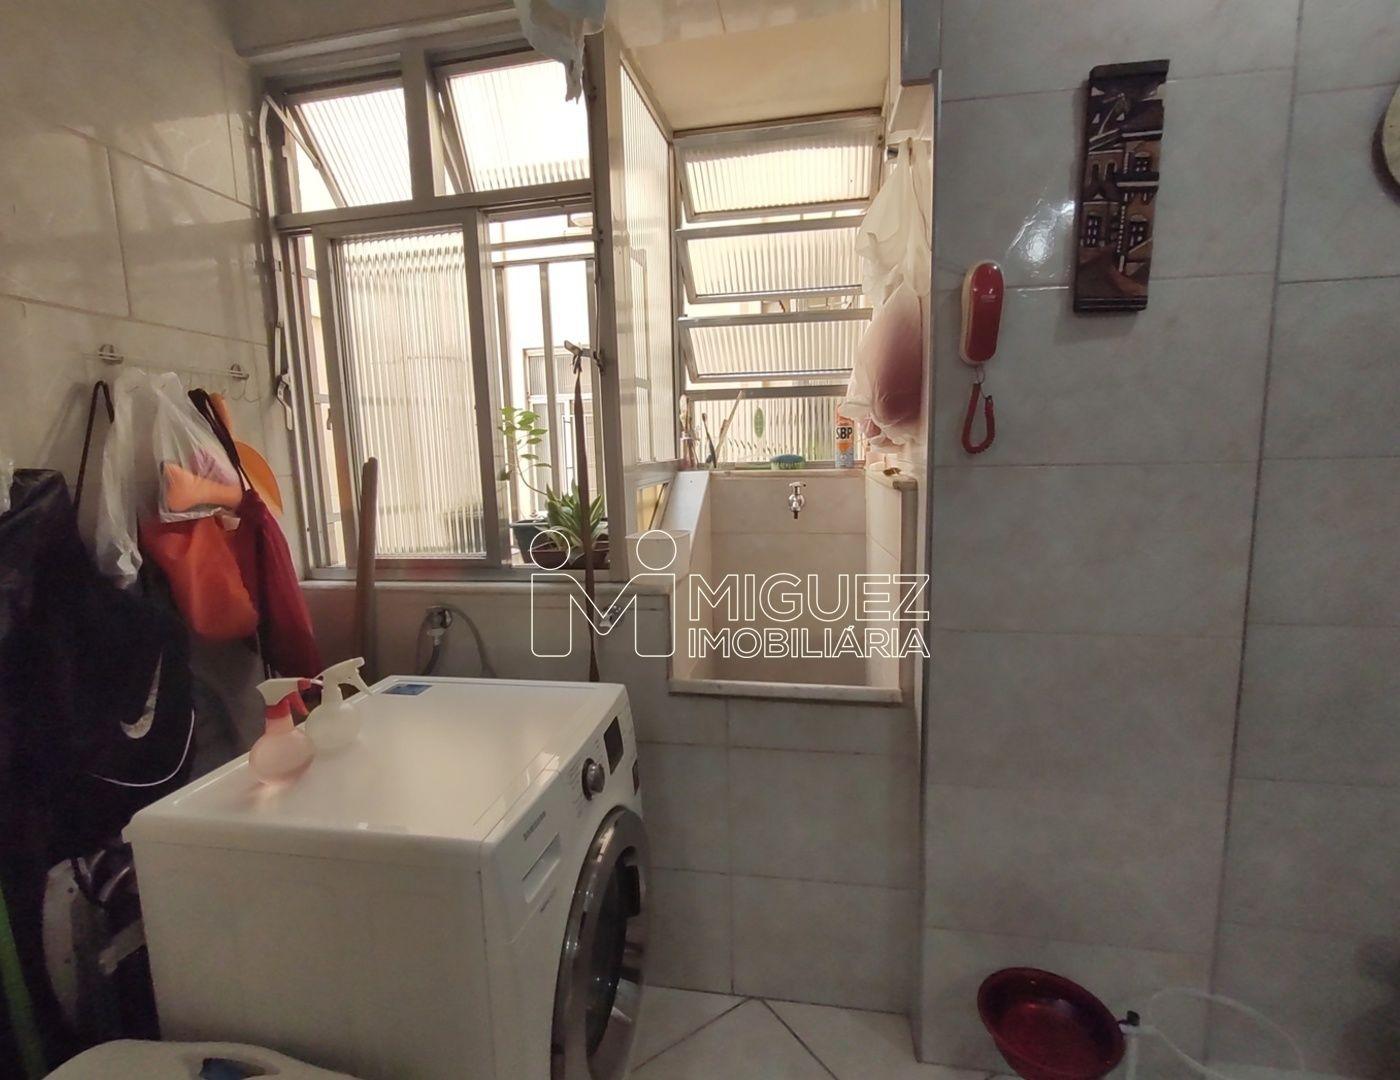 Apartamento, venda, Rua Nossa Senhora de Lourdes - Grajaú , Rio de janeiro